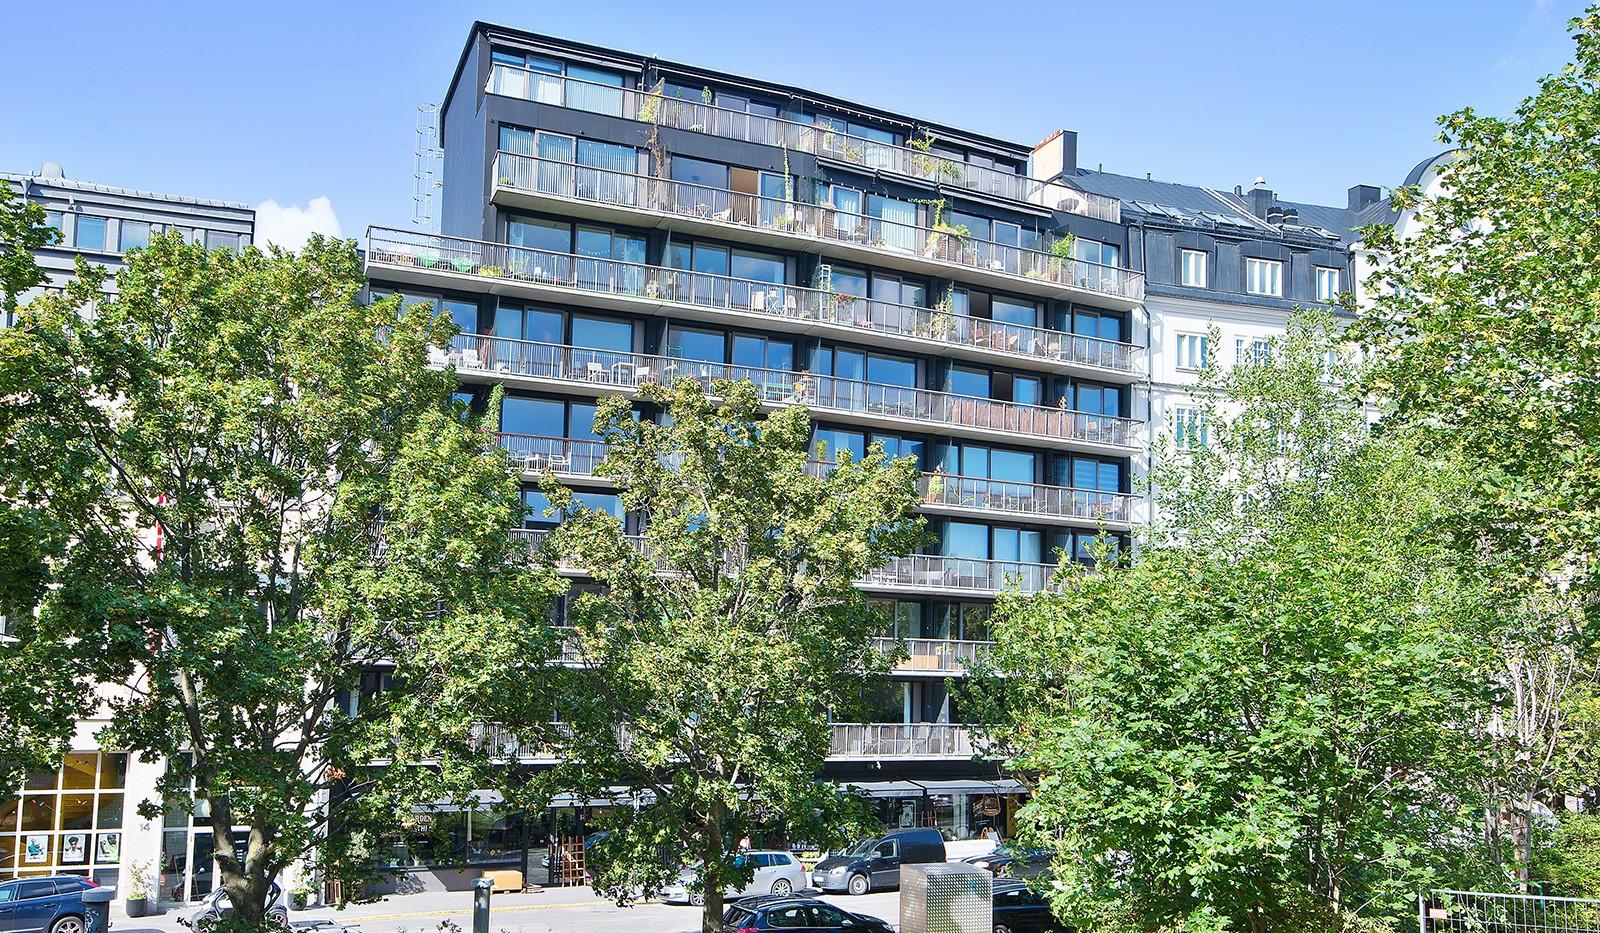 Liljeholmsvägen 12, 6tr - Fasad med snygg design